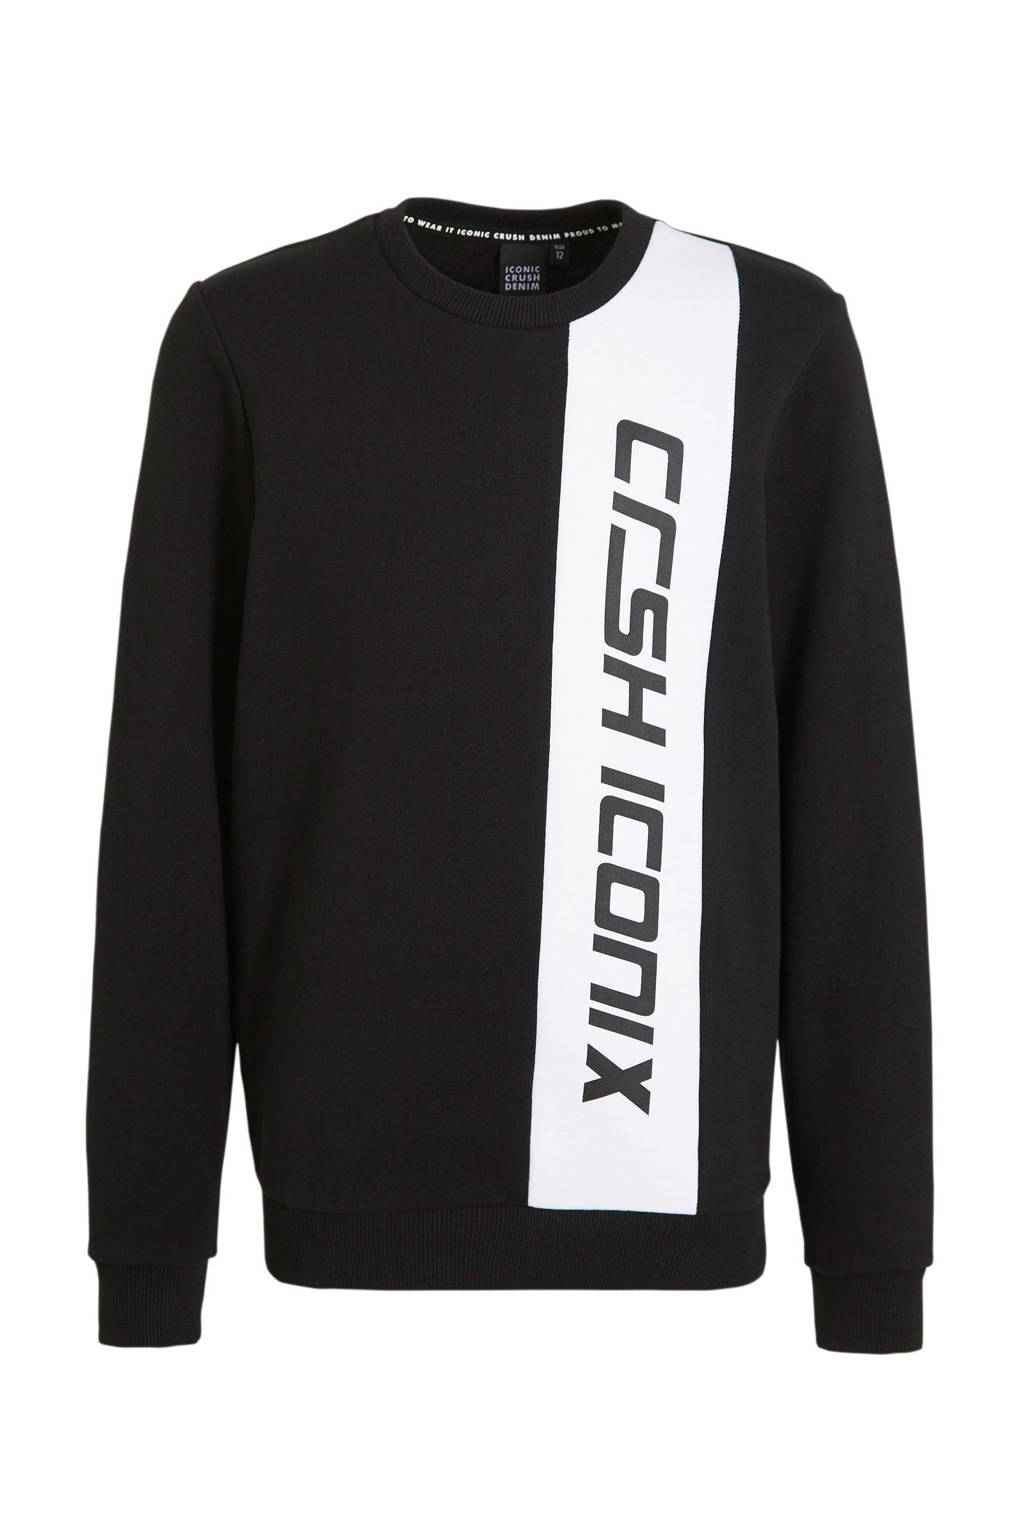 Crush Denim sweater Newport met logo zwart/wit, Zwart/wit